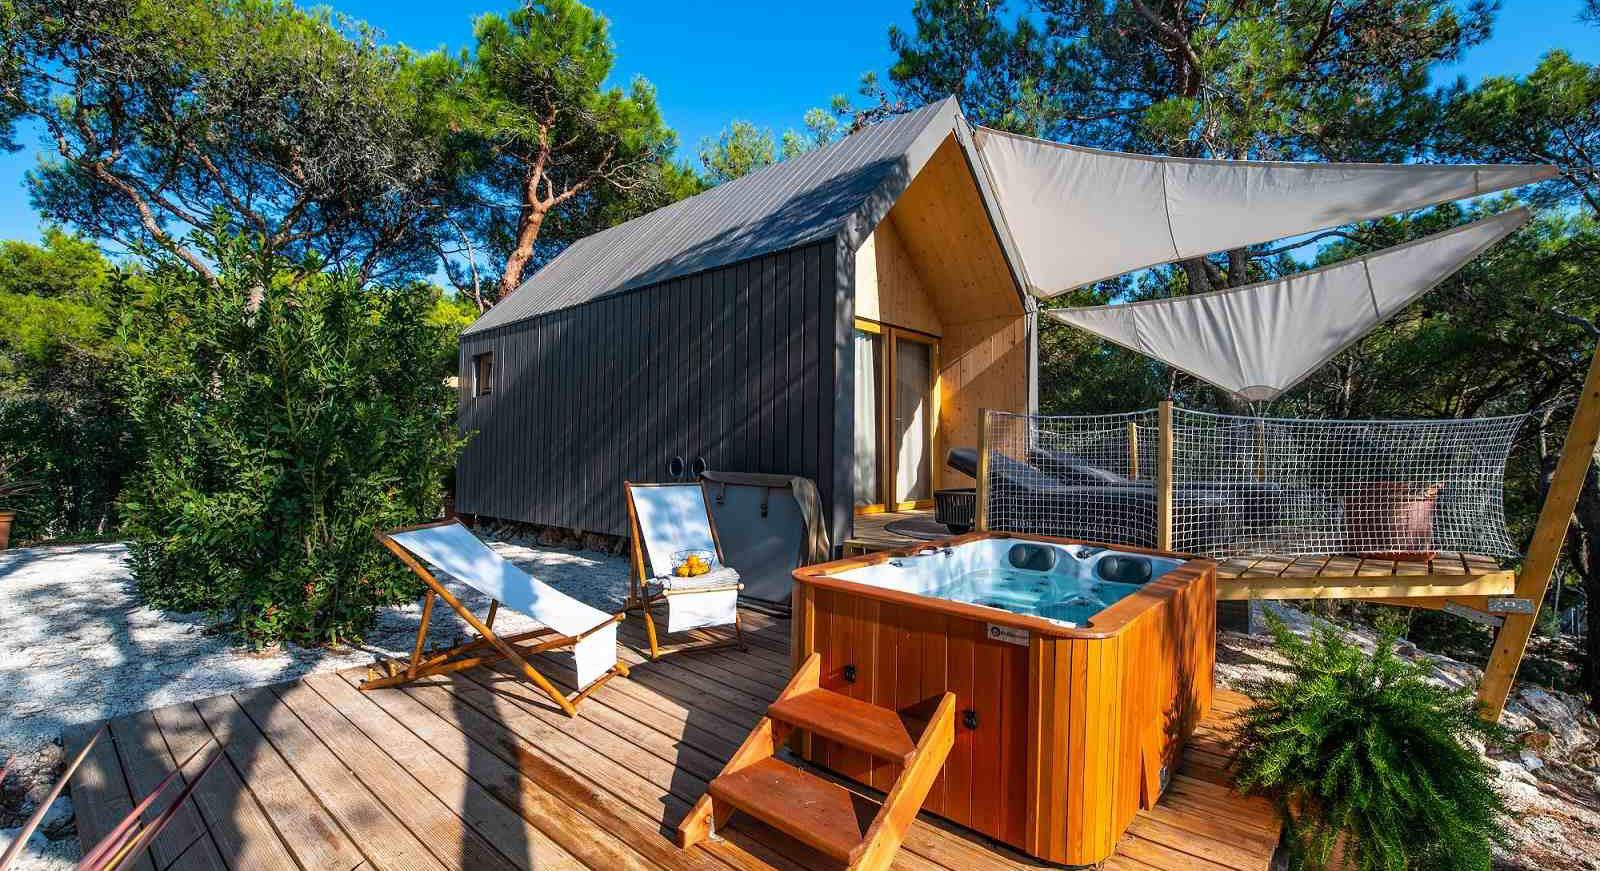 Atraiga con un nuevo concepto de hospitalidad turística.